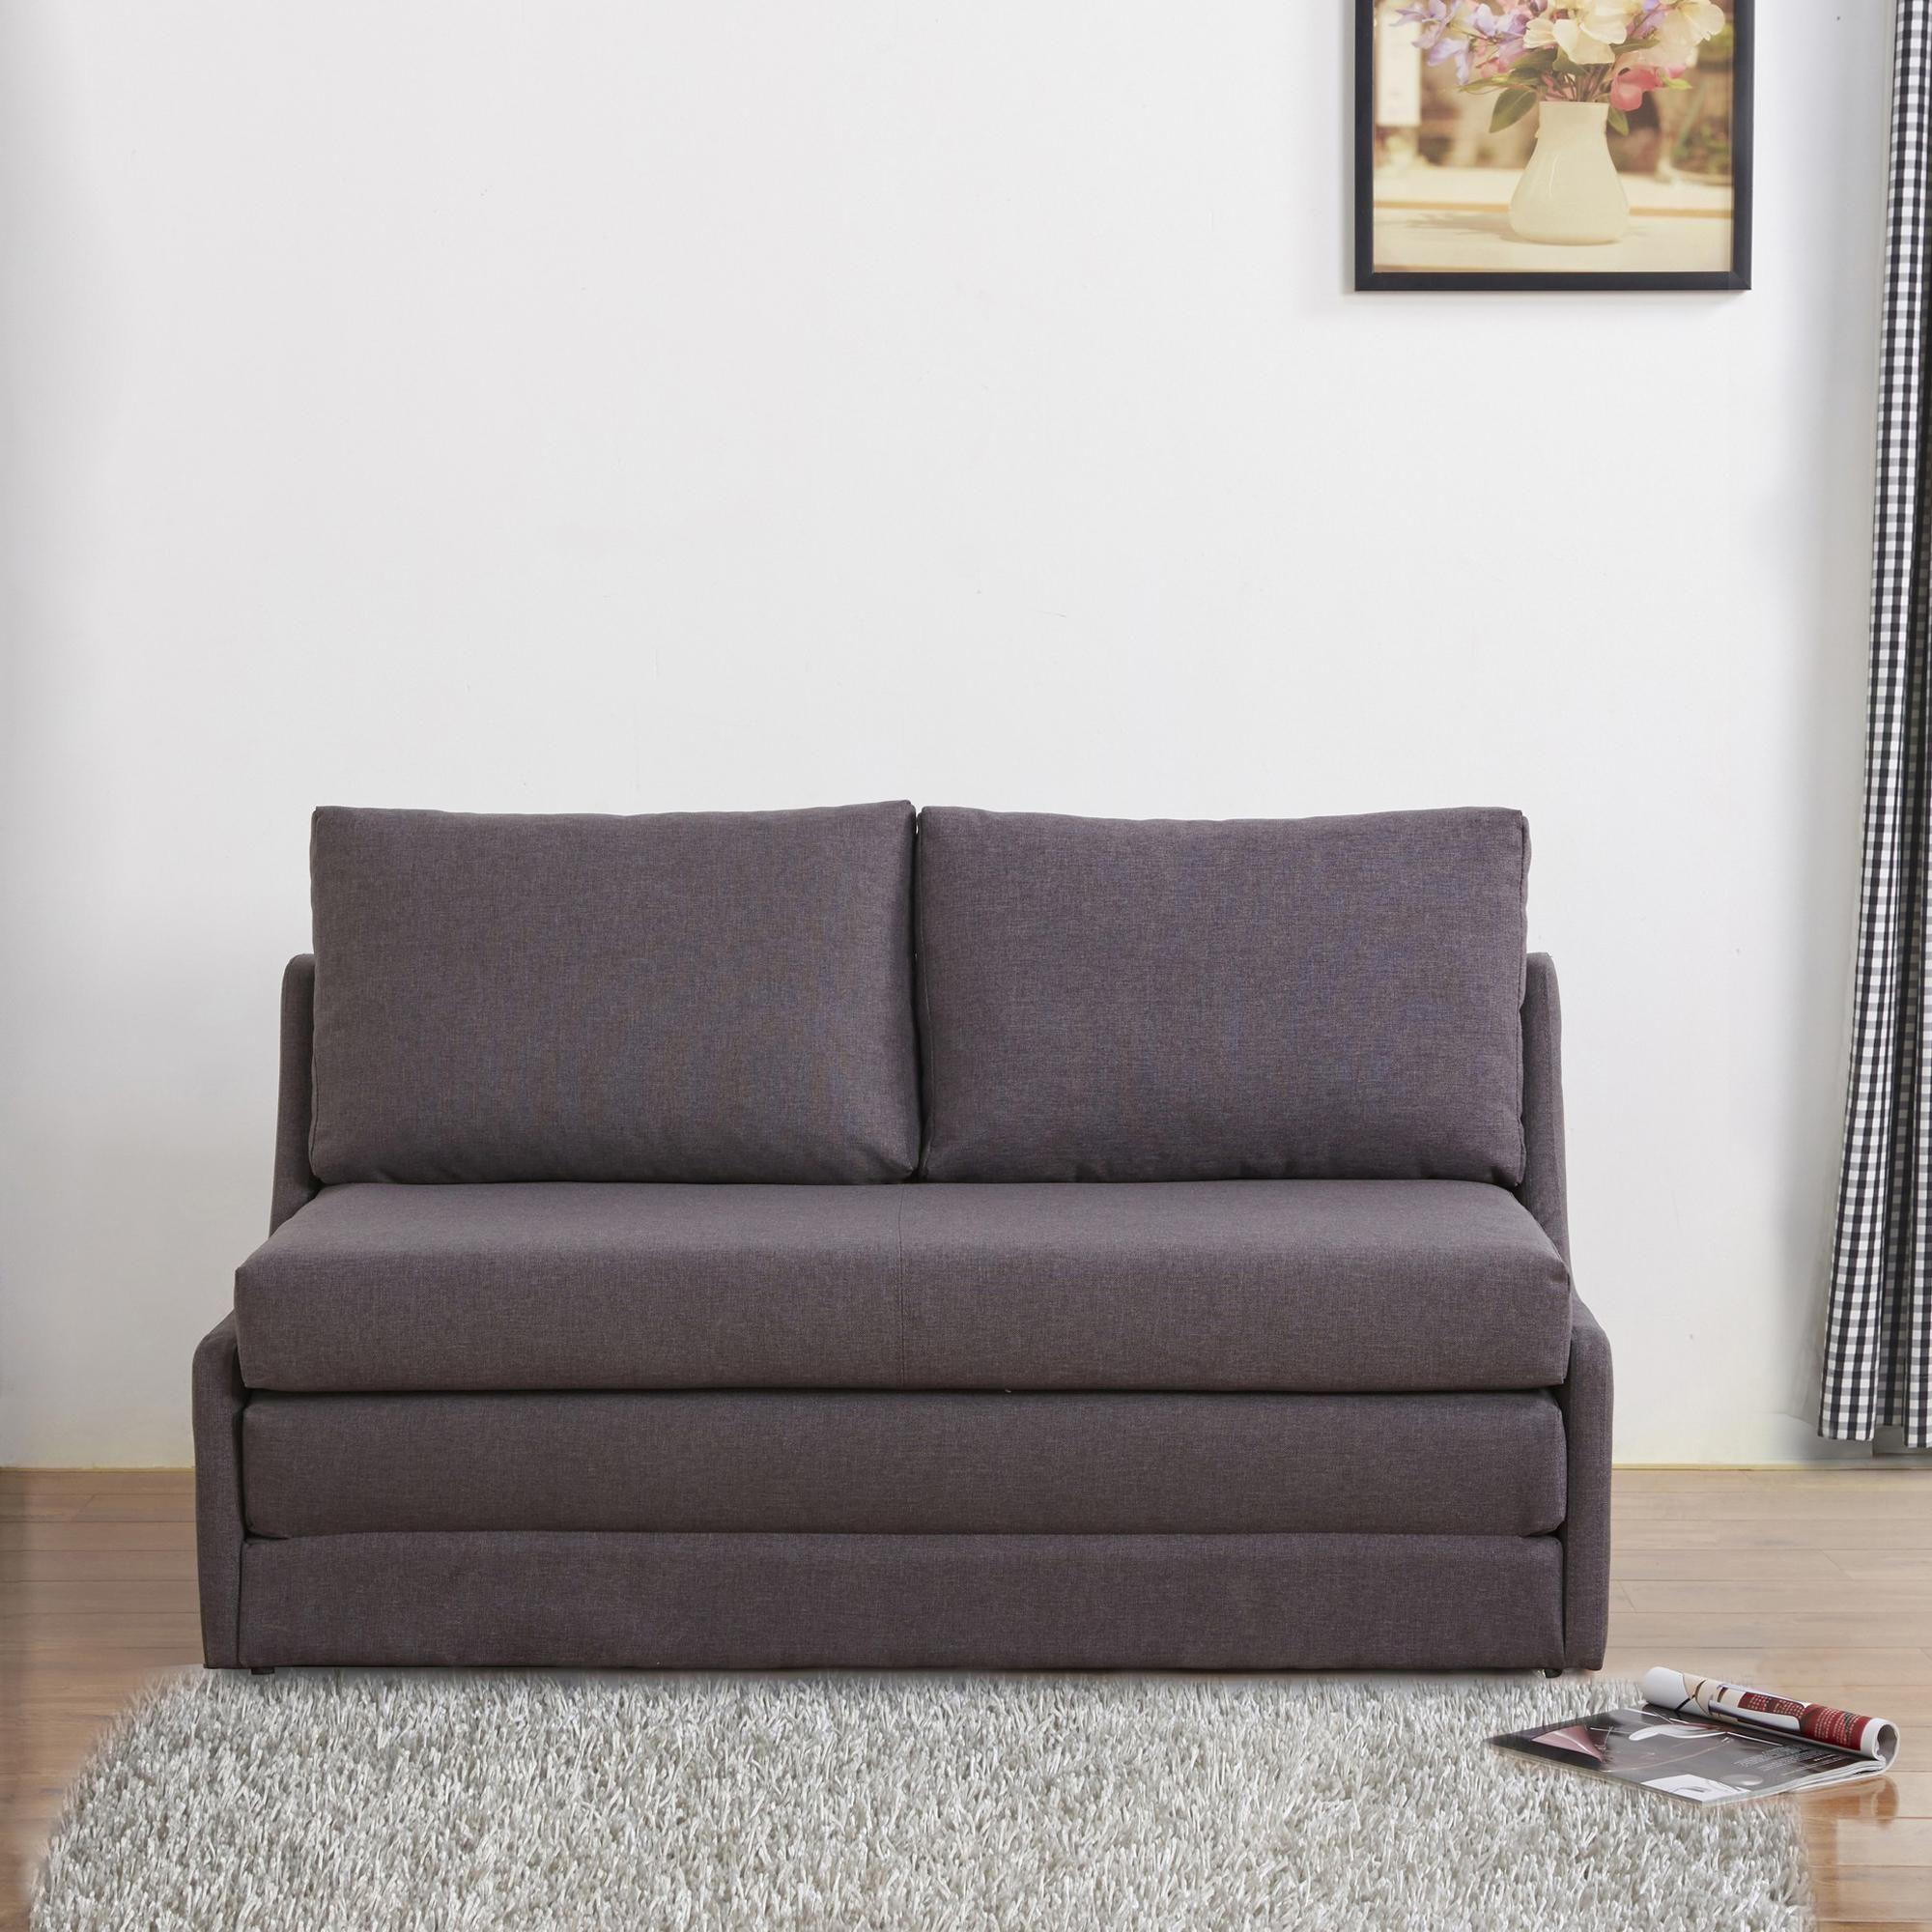 Dos Fabric Sofa Bed In 2020 Sofa Fabric Sofa Sofa Bed